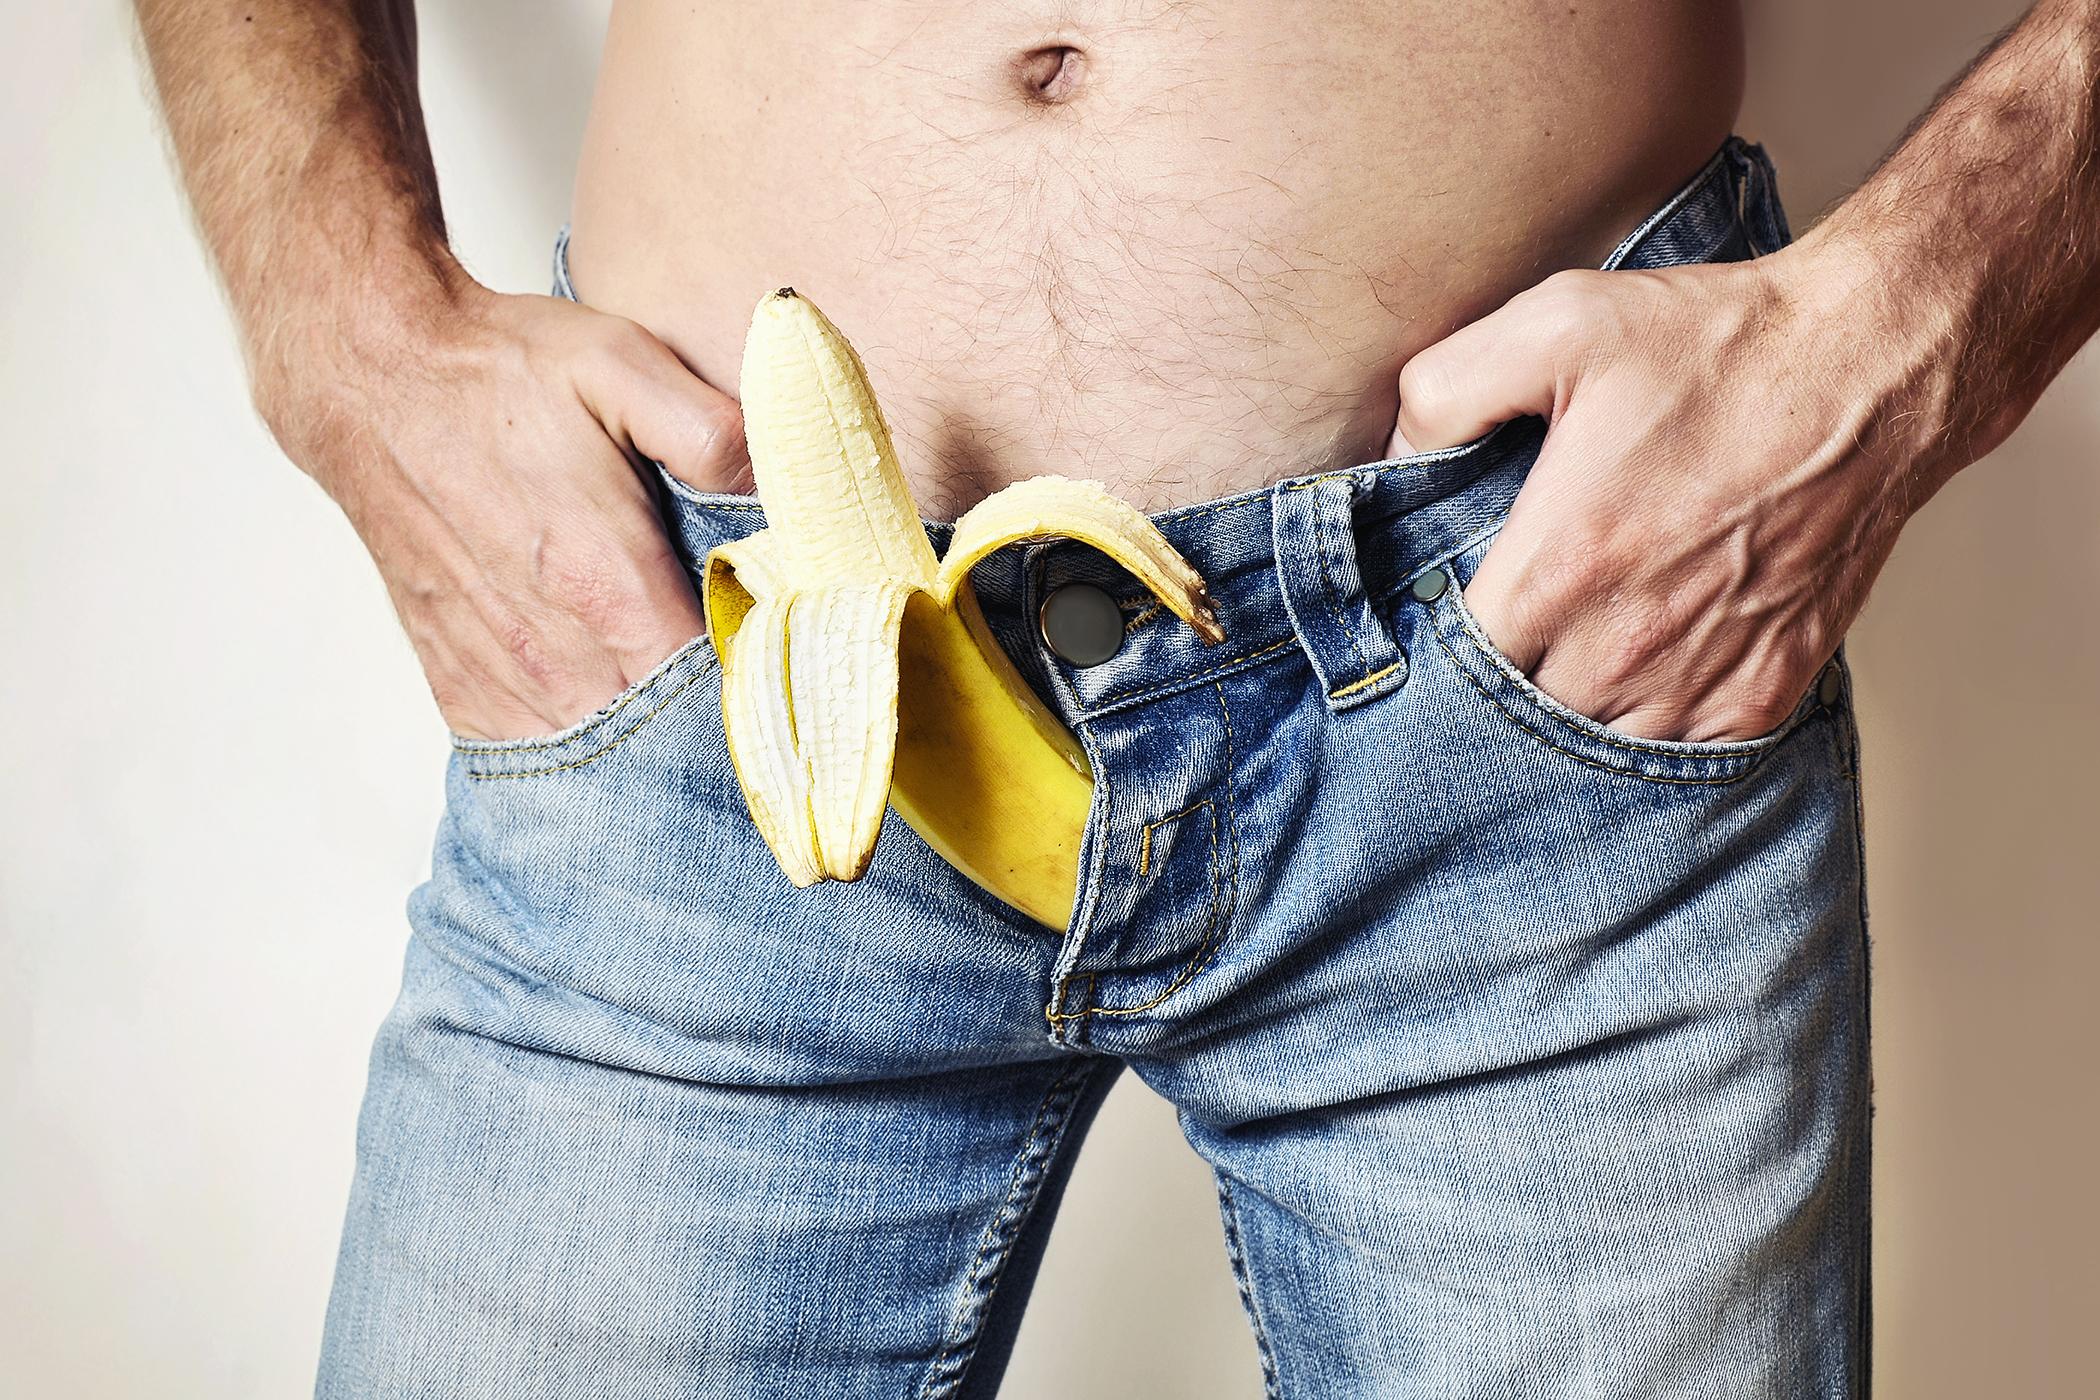 hogyan lehet helyreállítani az erekciót 57 évesen